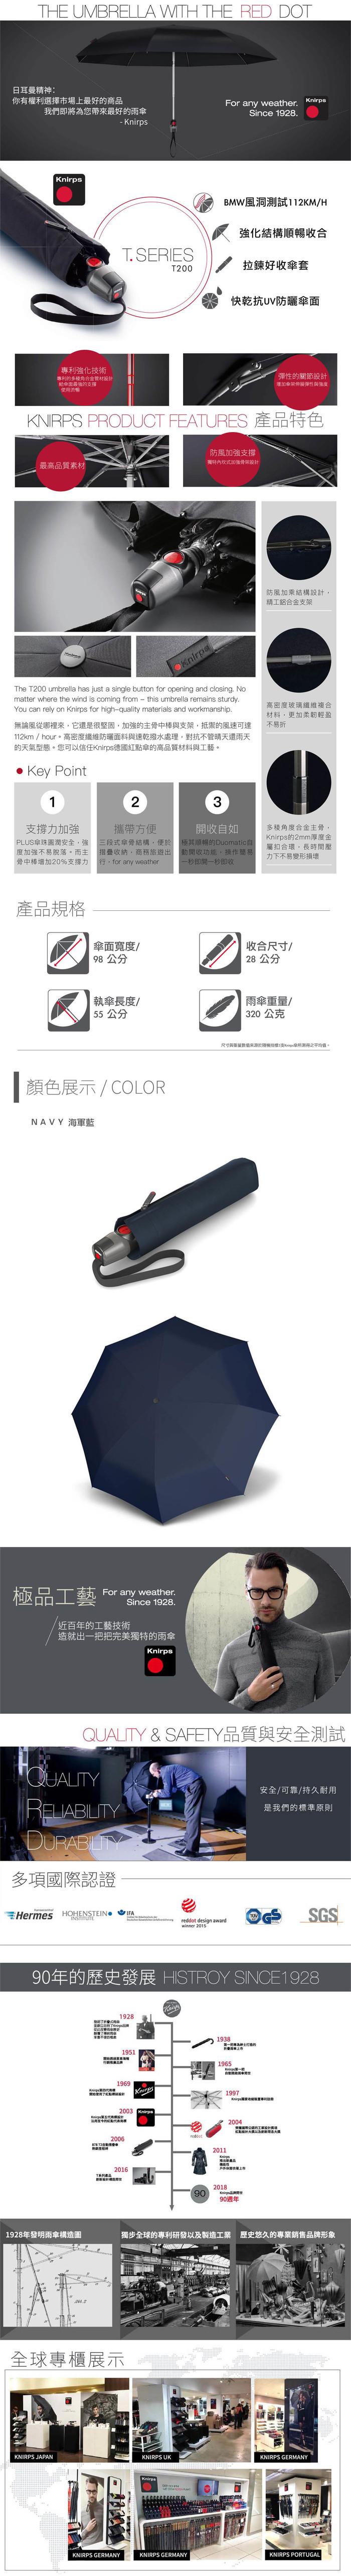 (複製)Knirps德國紅點傘 T.200 自動開收傘- Difference aqua